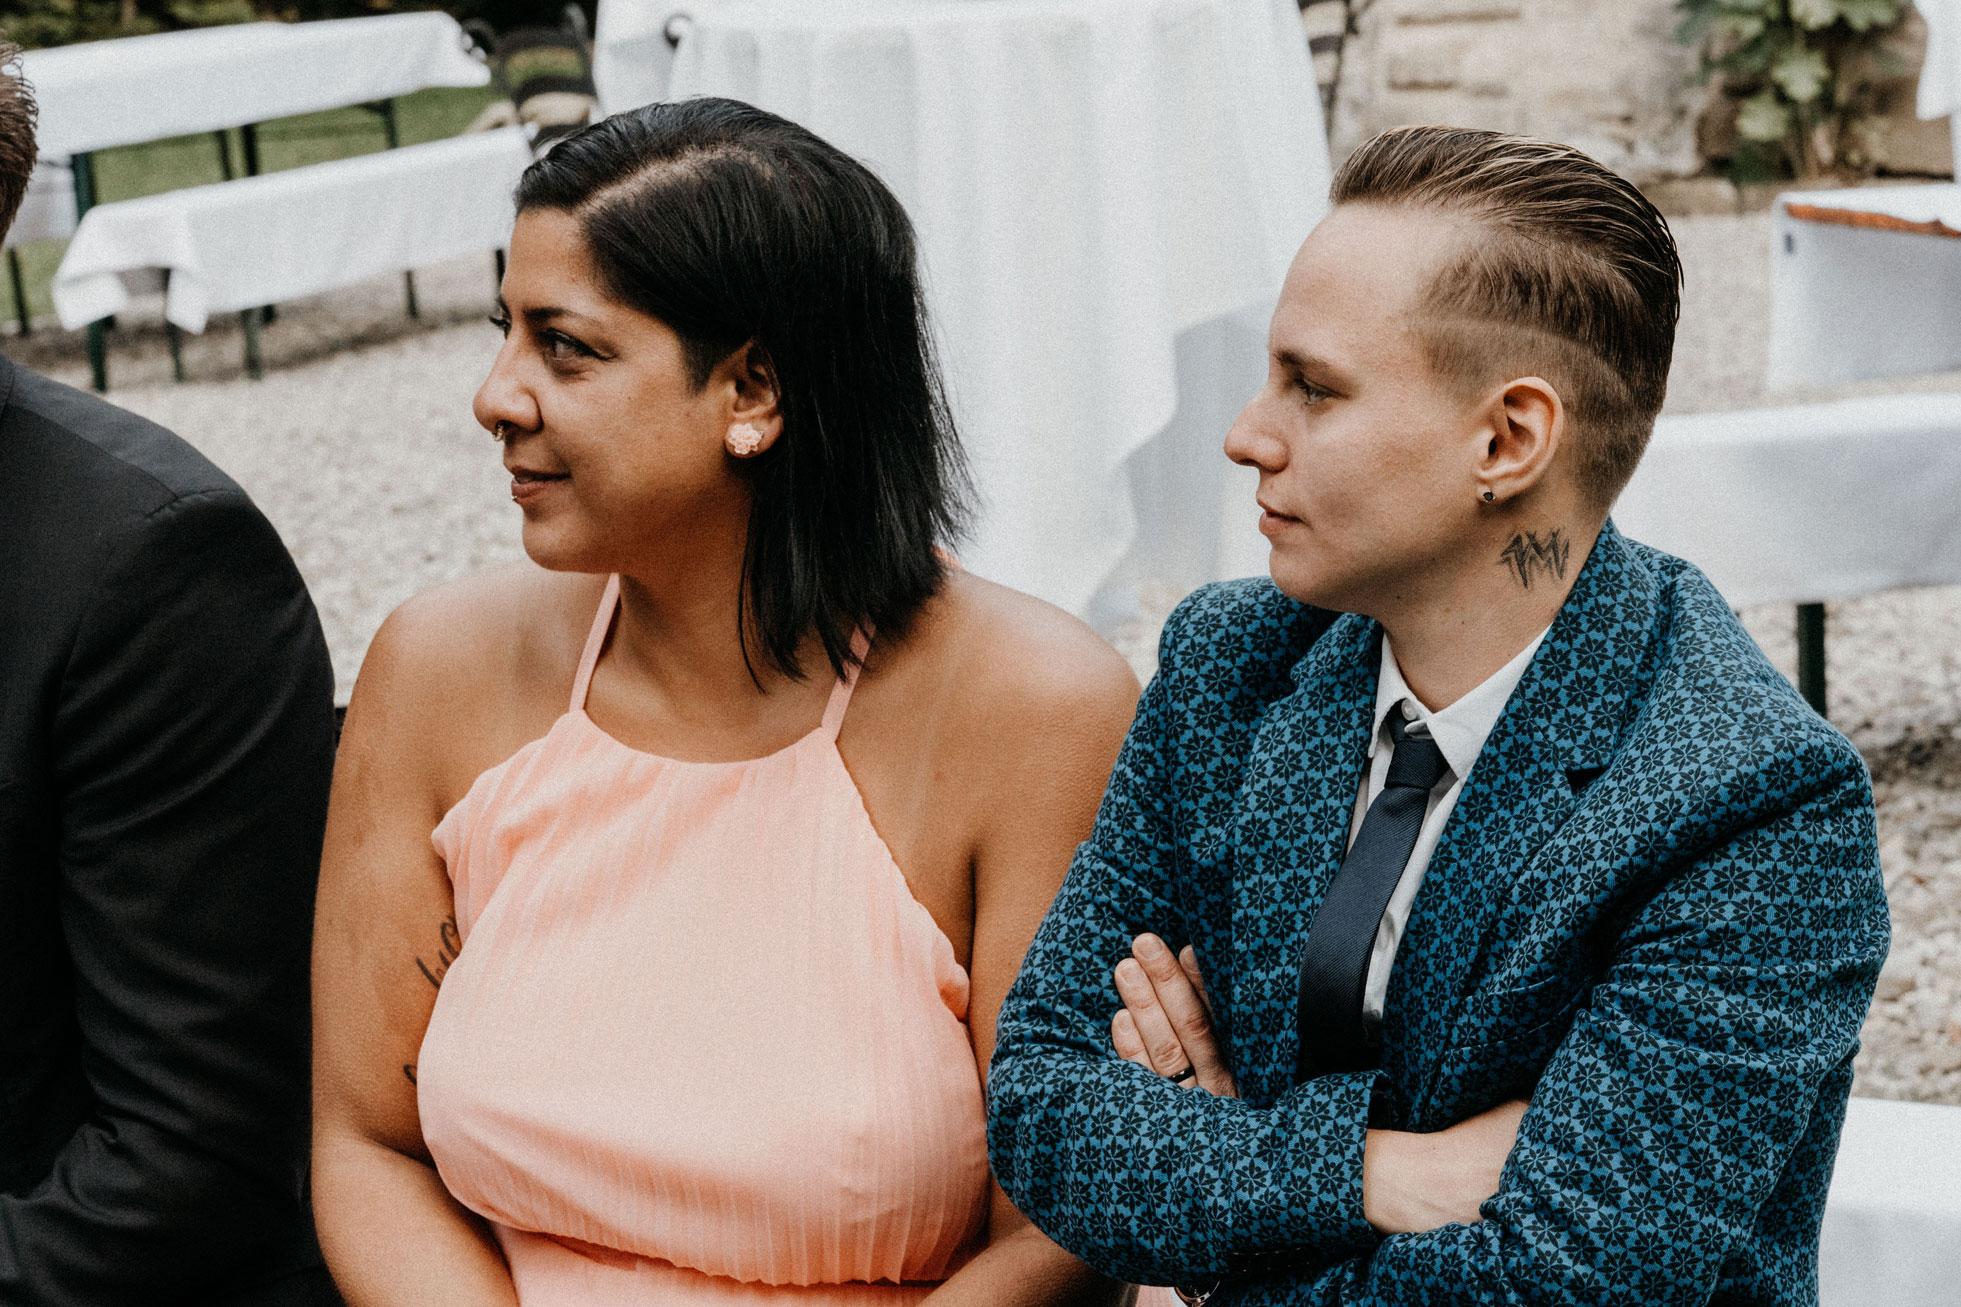 Hochzeit_Claire_Manuel_Villa_Maund_Daniel_Jenny-229.jpg